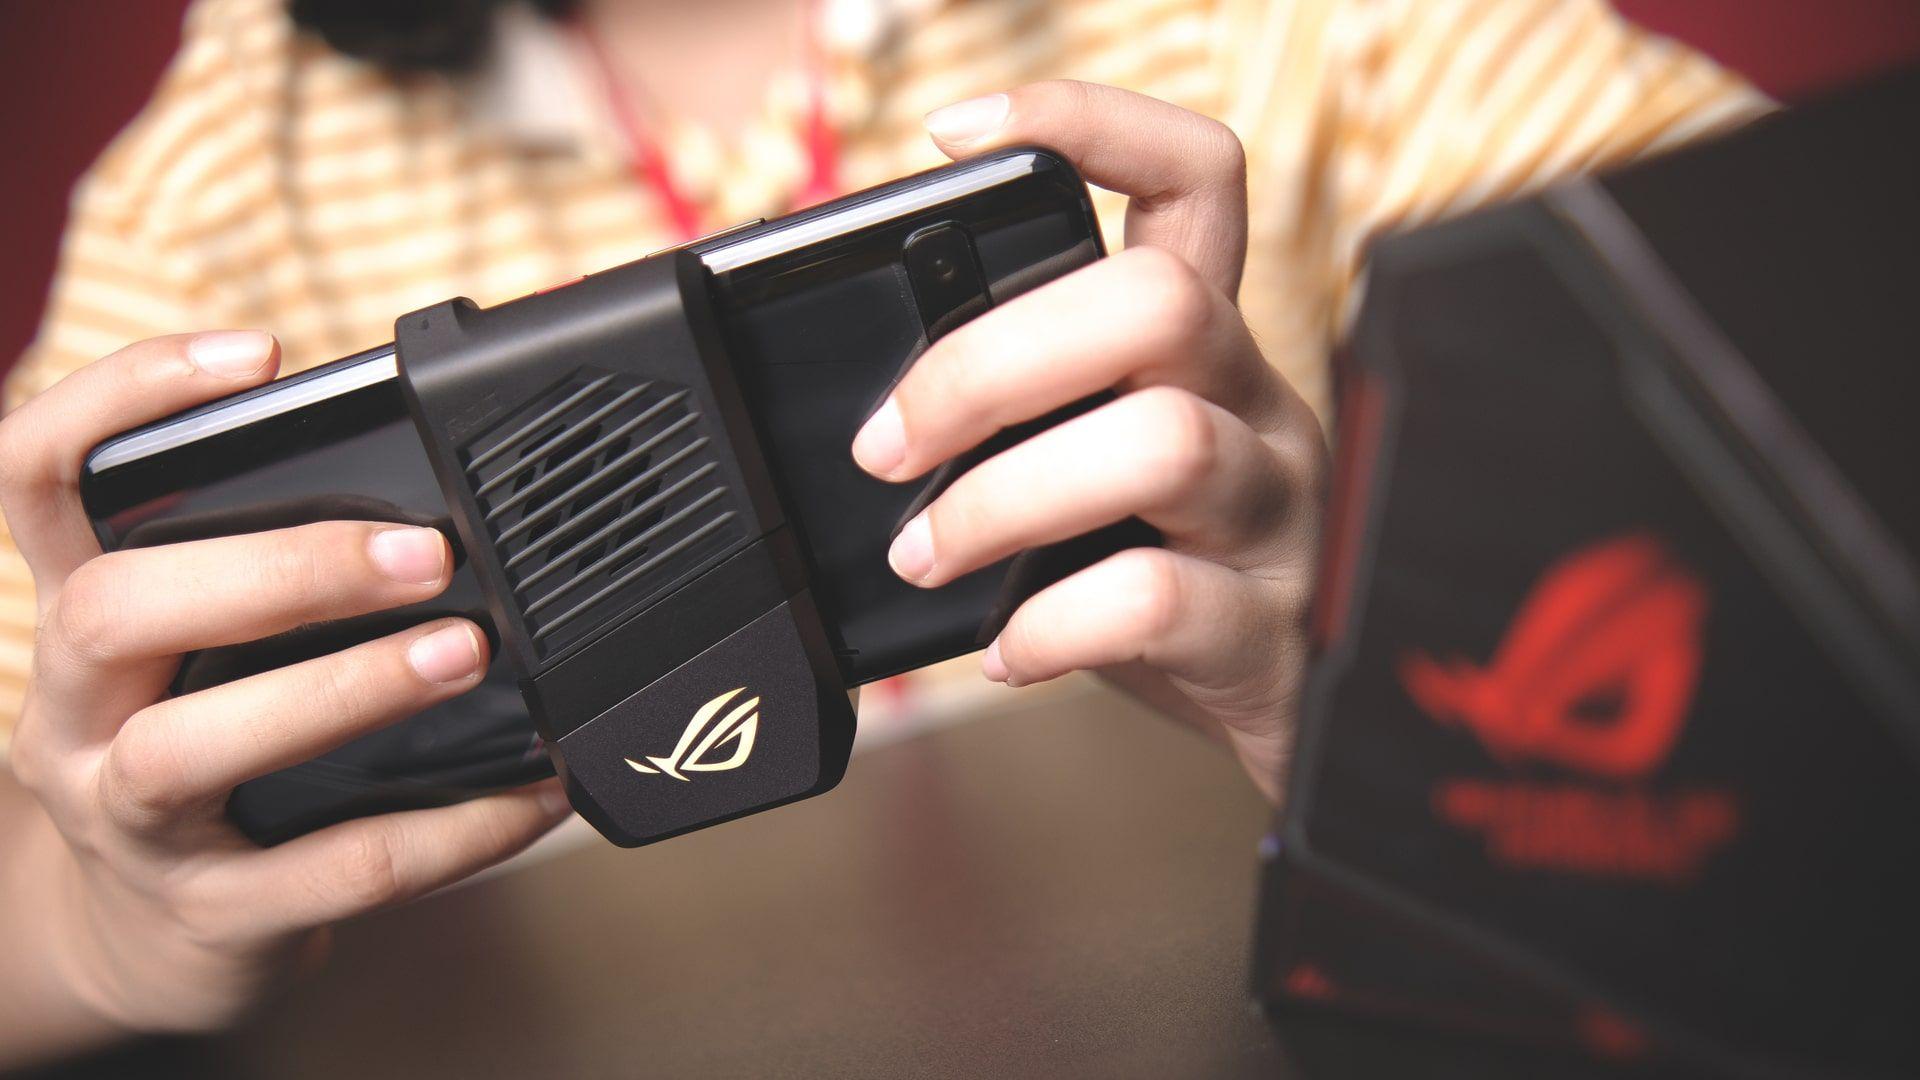 Melhores celulares: ROG Phone 3 é um smartphone gamer poderoso (Foto: Shutterstock)